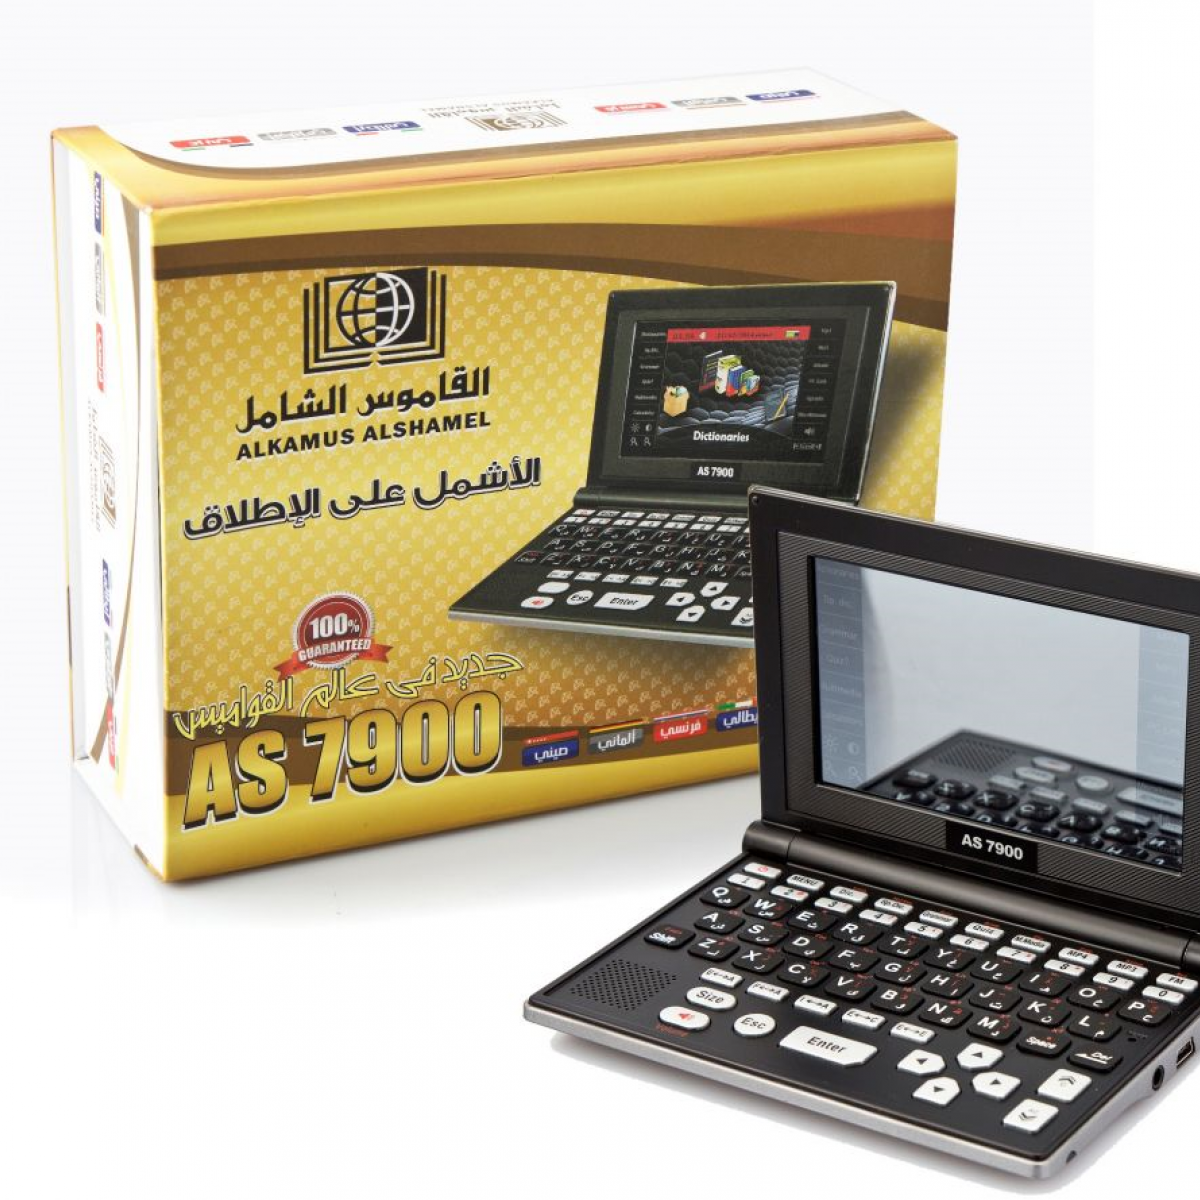 القاموس الشامل - مترجم -  Model:AS-7900